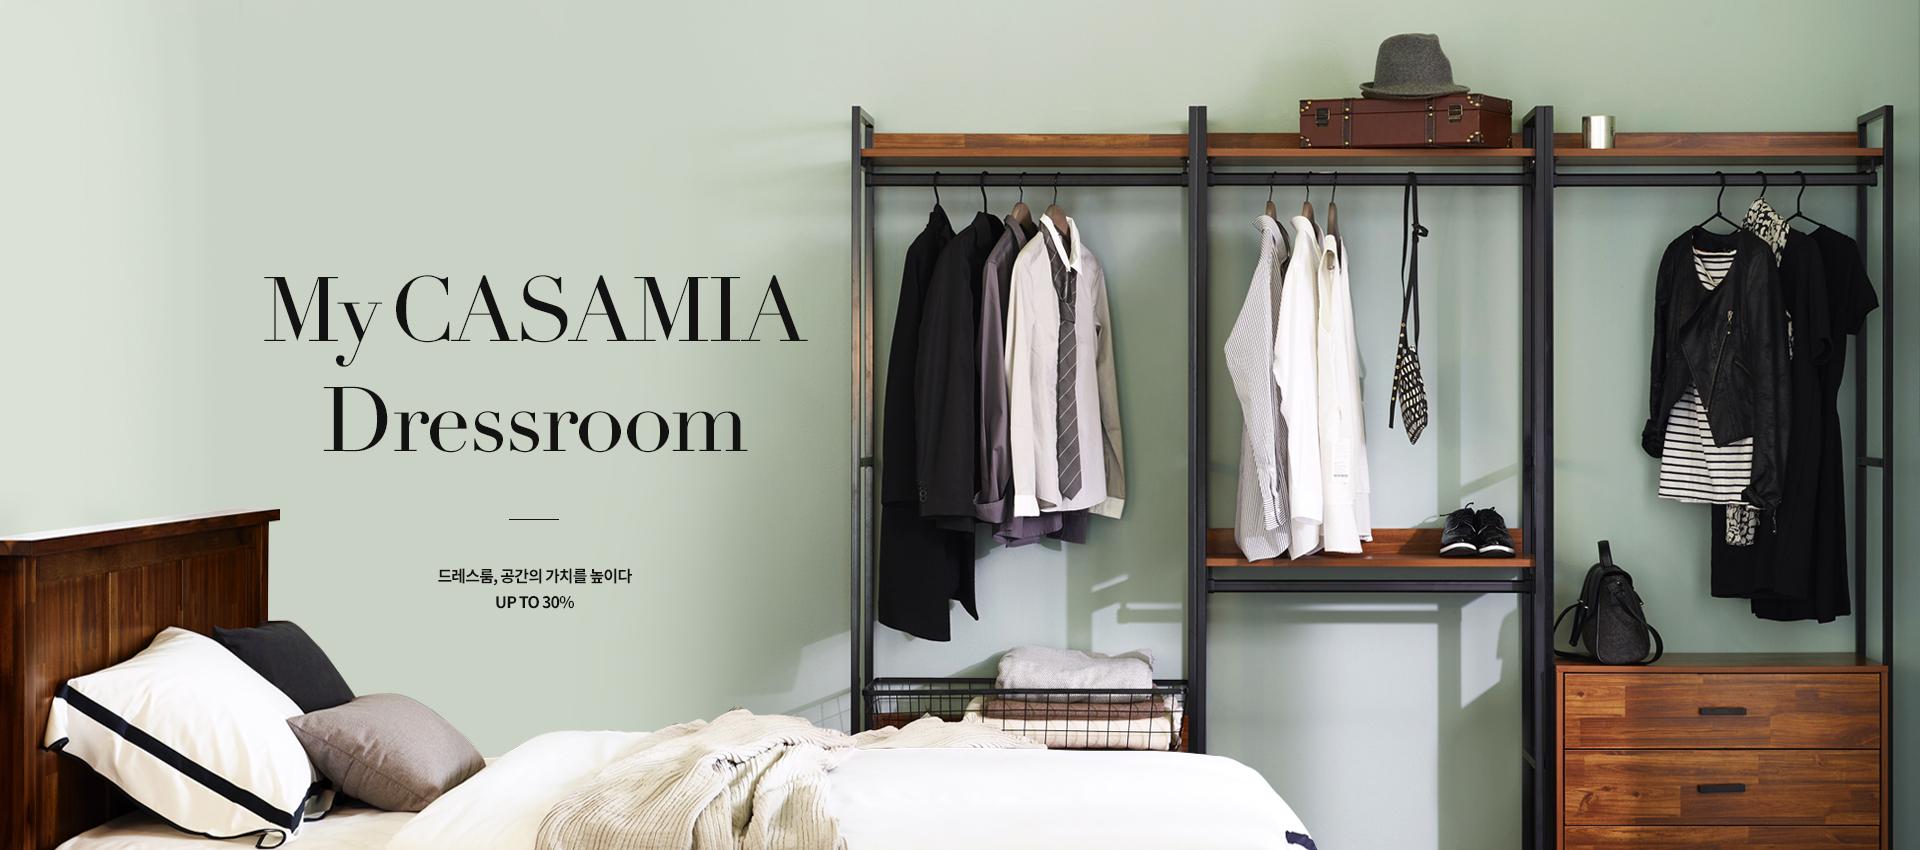 취향별 제안, 인기 드레스룸